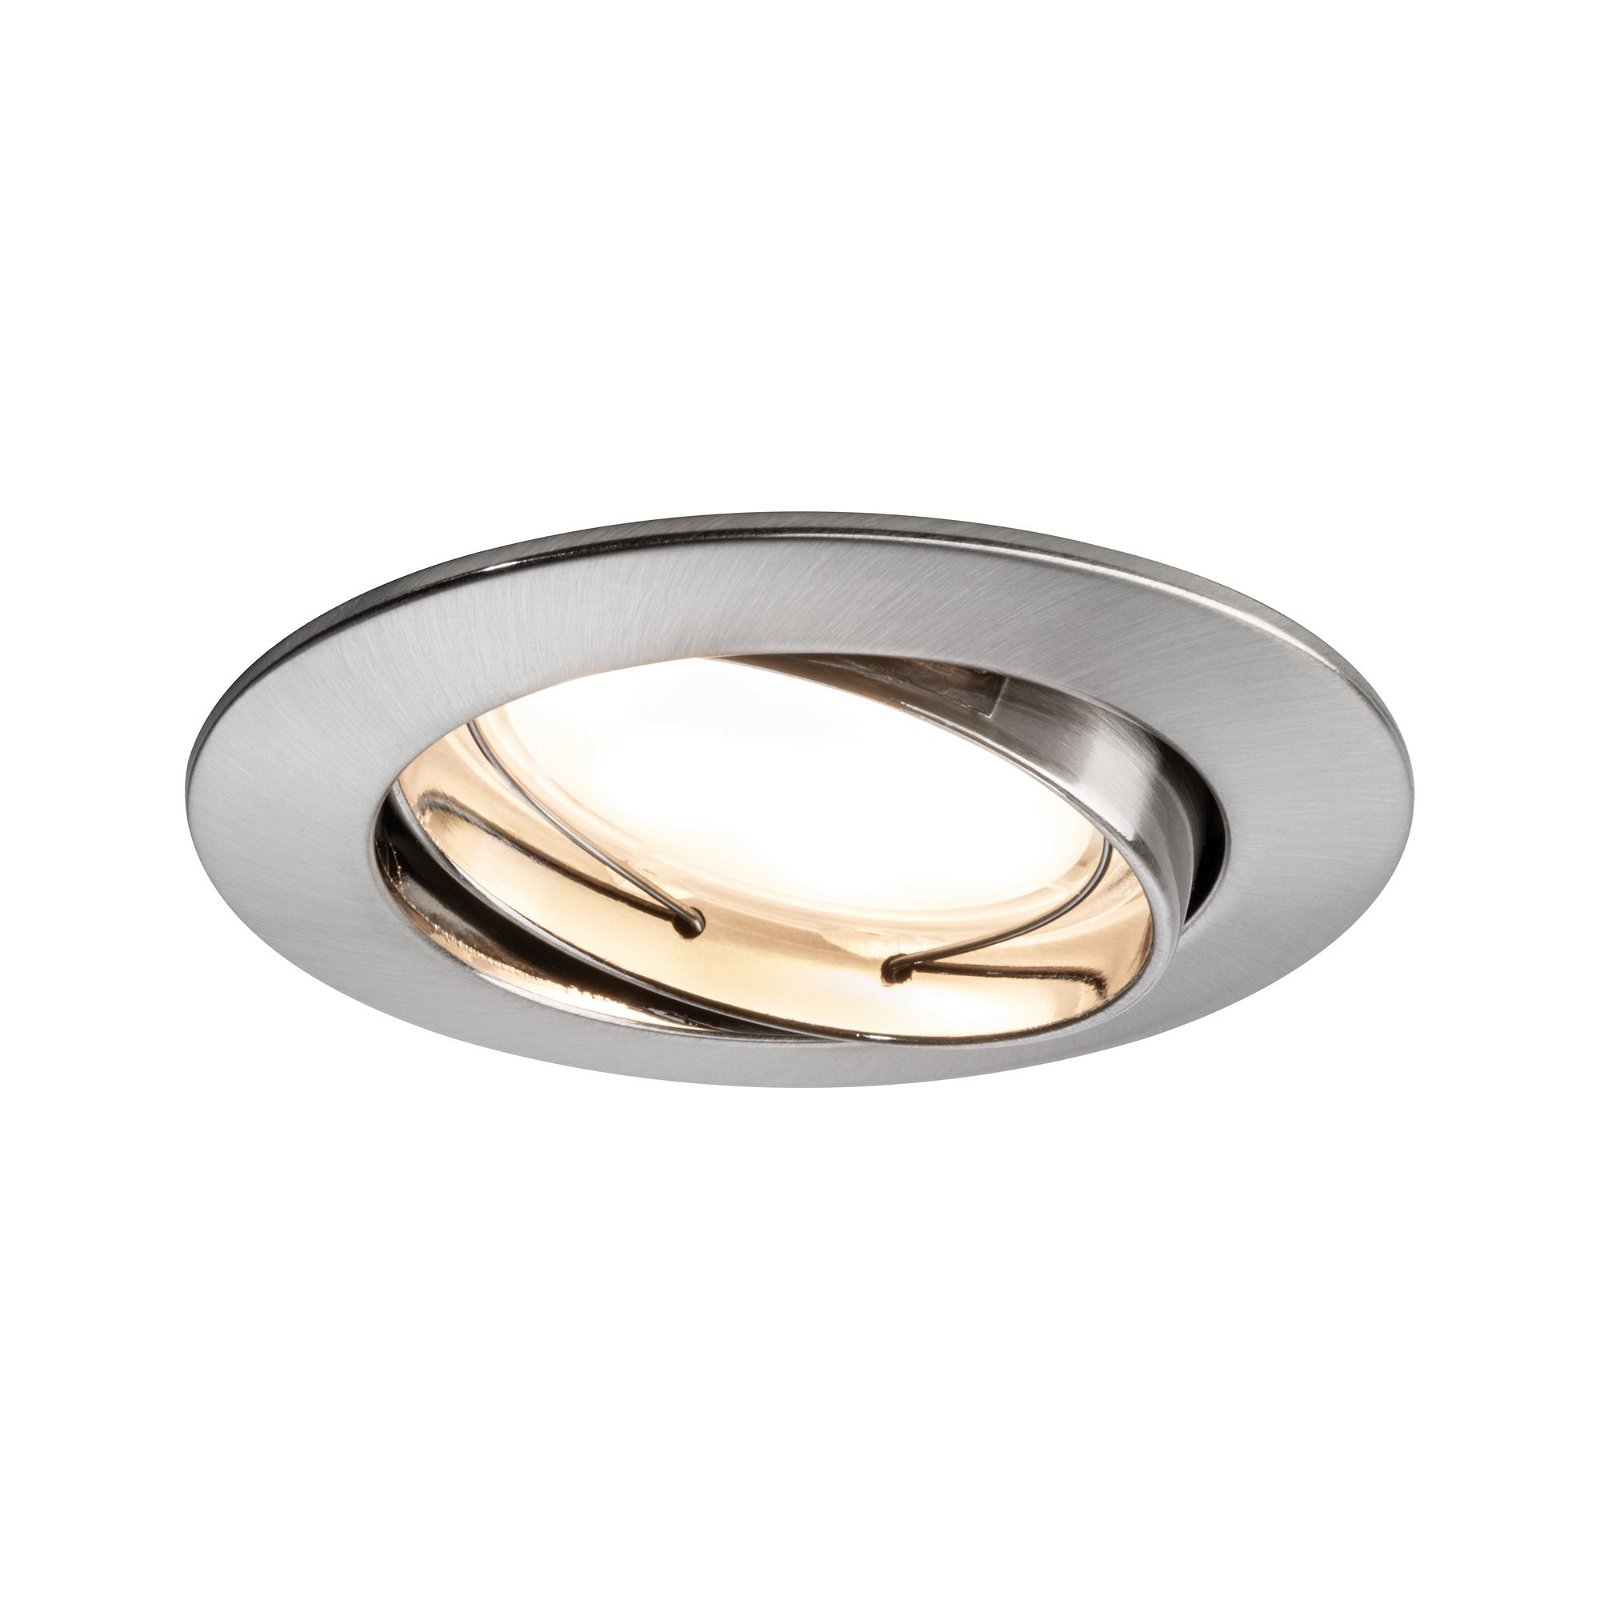 Einbauleuchte LED Coin satiniert rund 6,8W Eisen 3er-Set schwenkbar